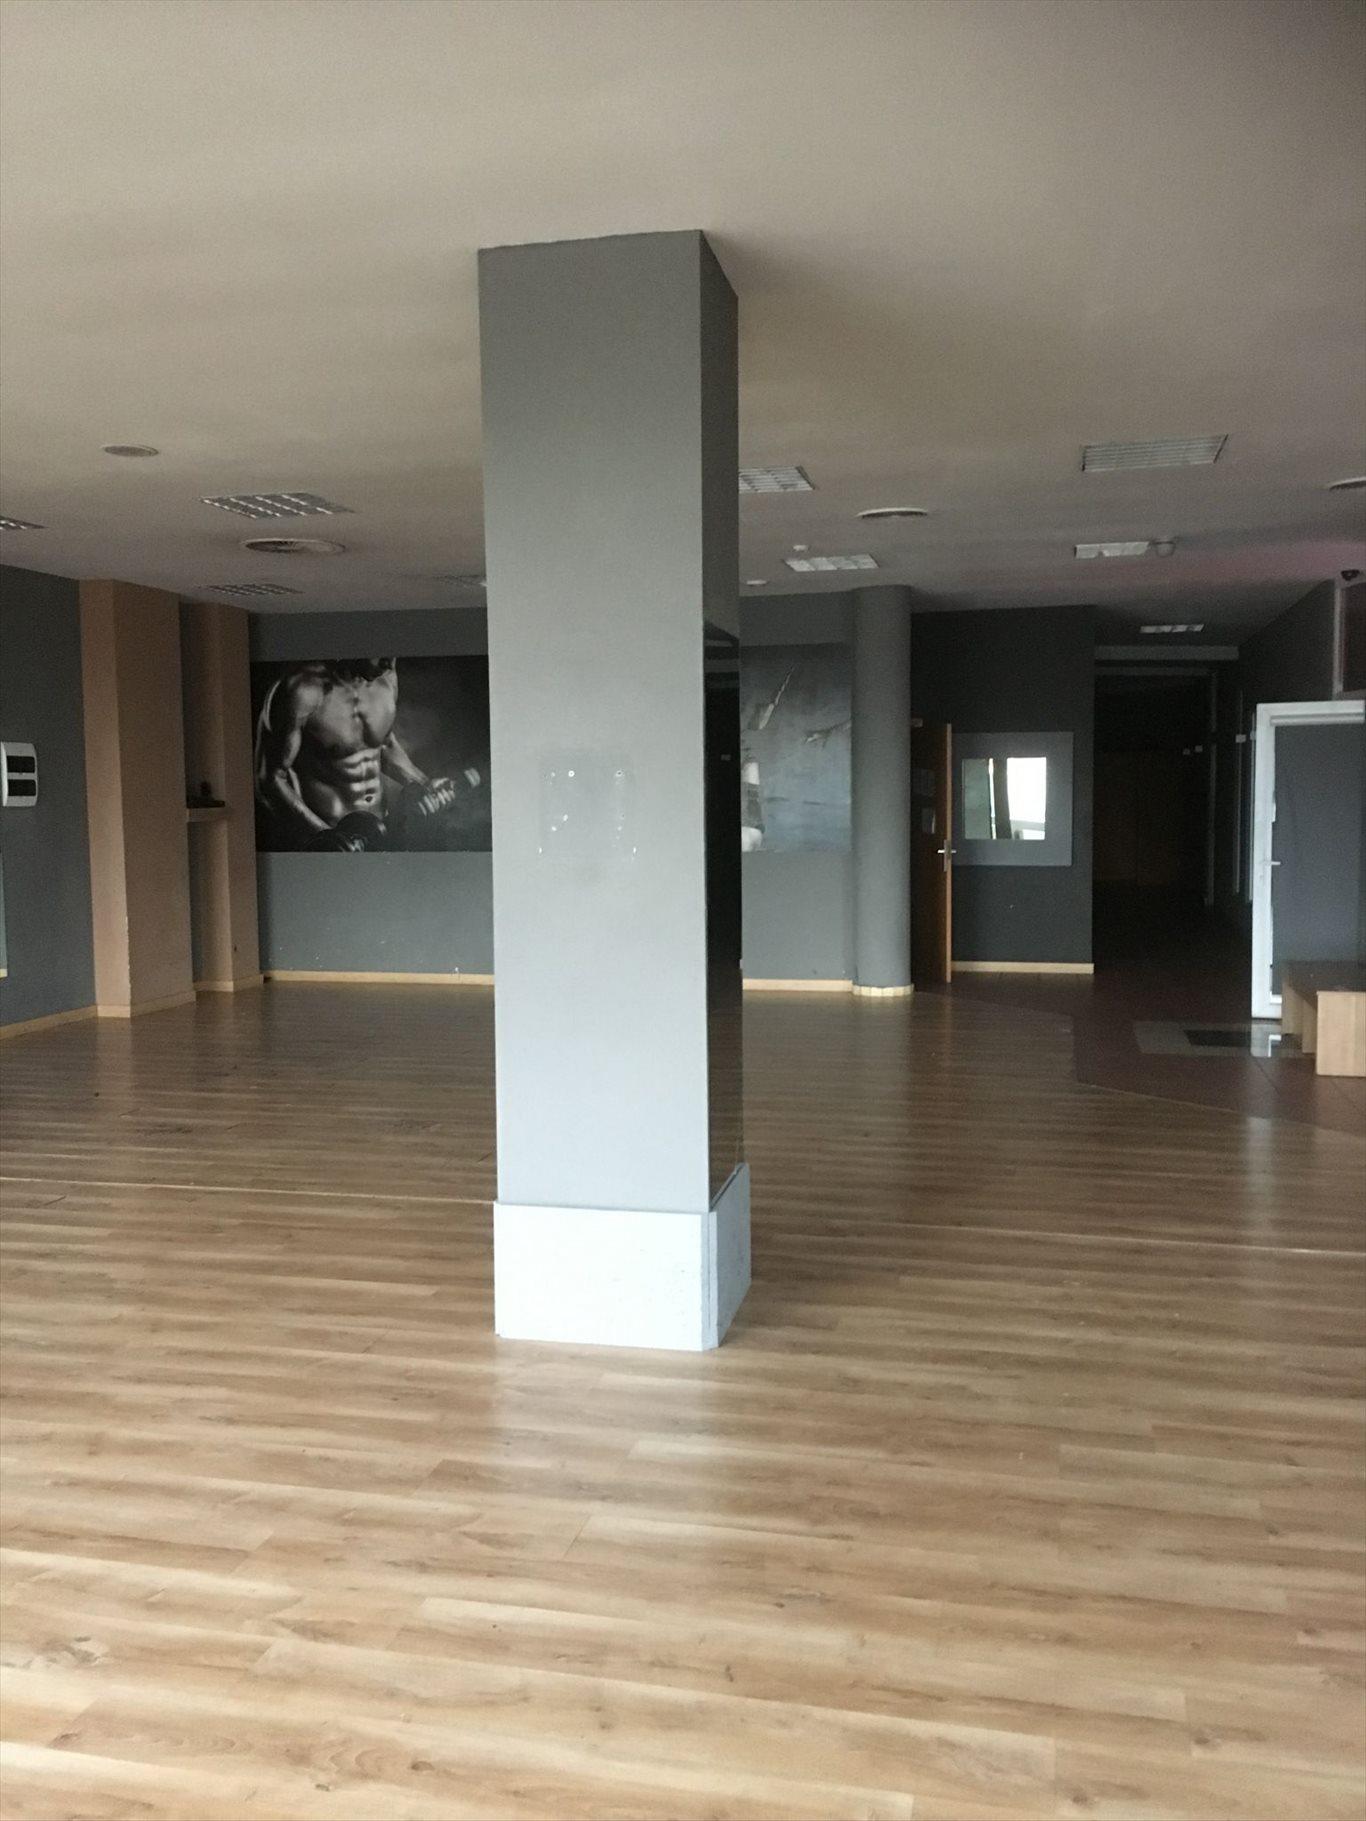 Lokal użytkowy na wynajem Kielce, Centrum, Paderewskiego  Fitness !!!!  461m2 Foto 7